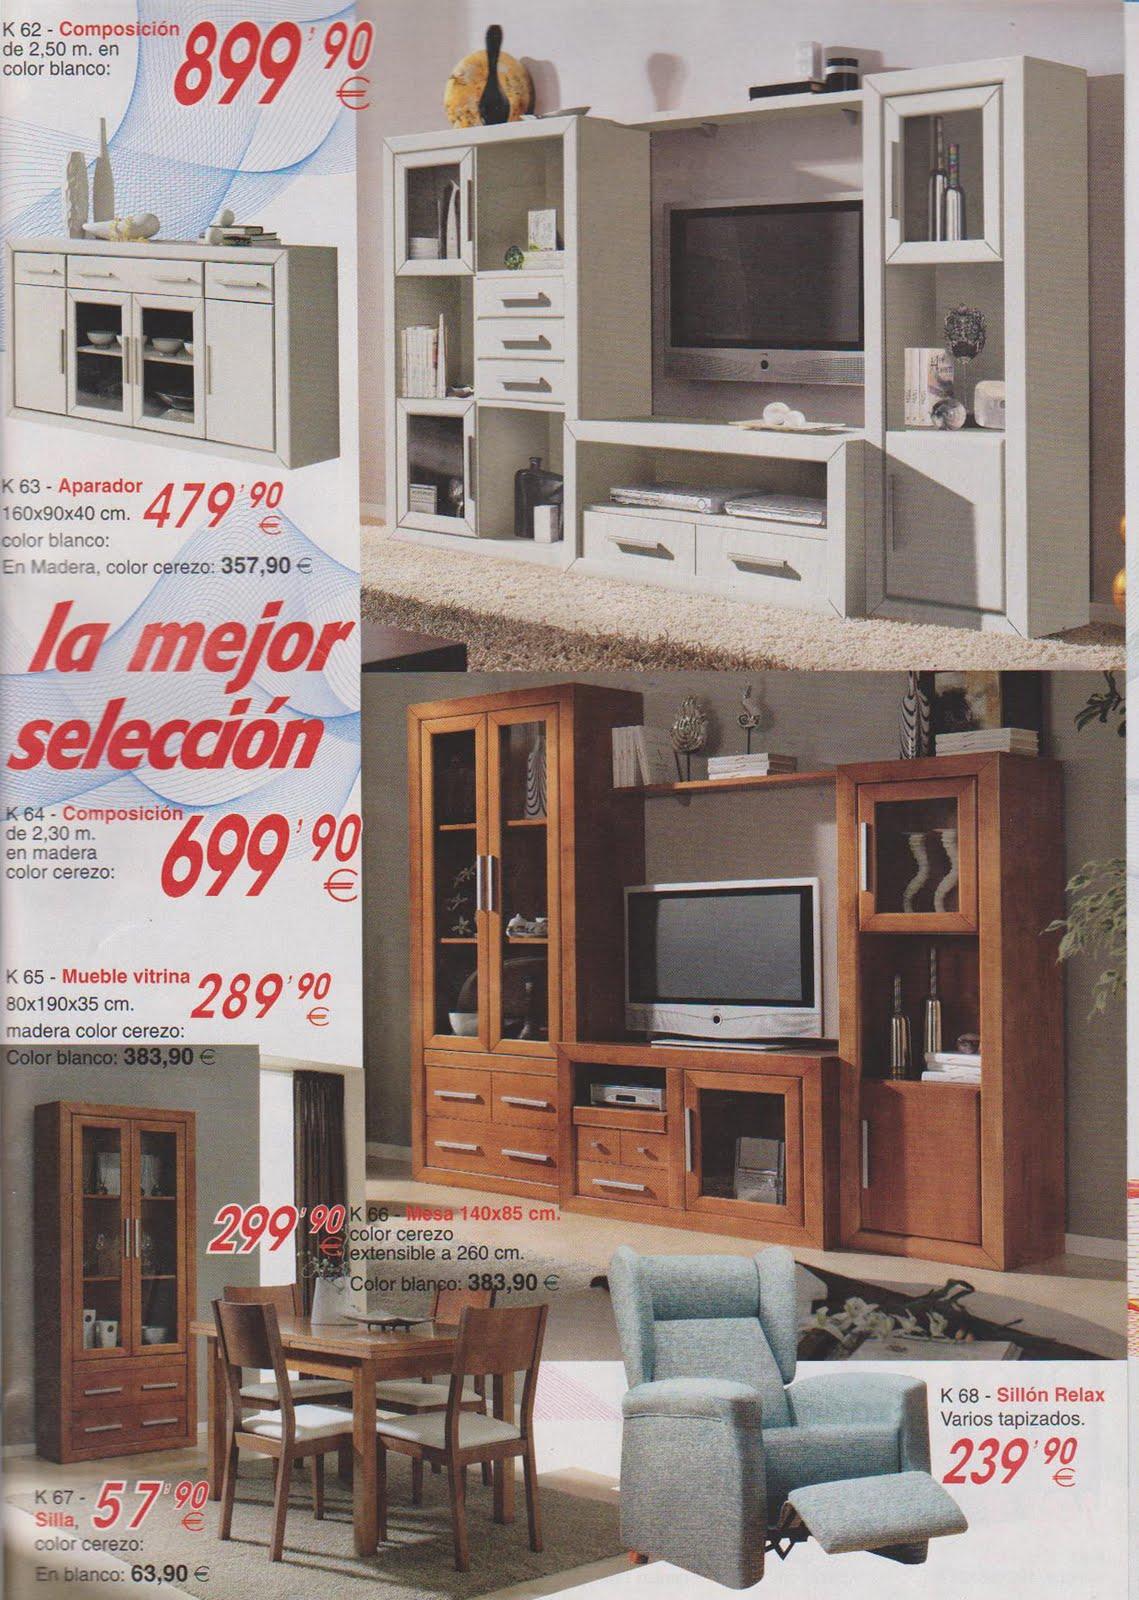 Ofertas de muebles conchi pliego ofertas noviembre 9 - Muebles murcia ofertas ...